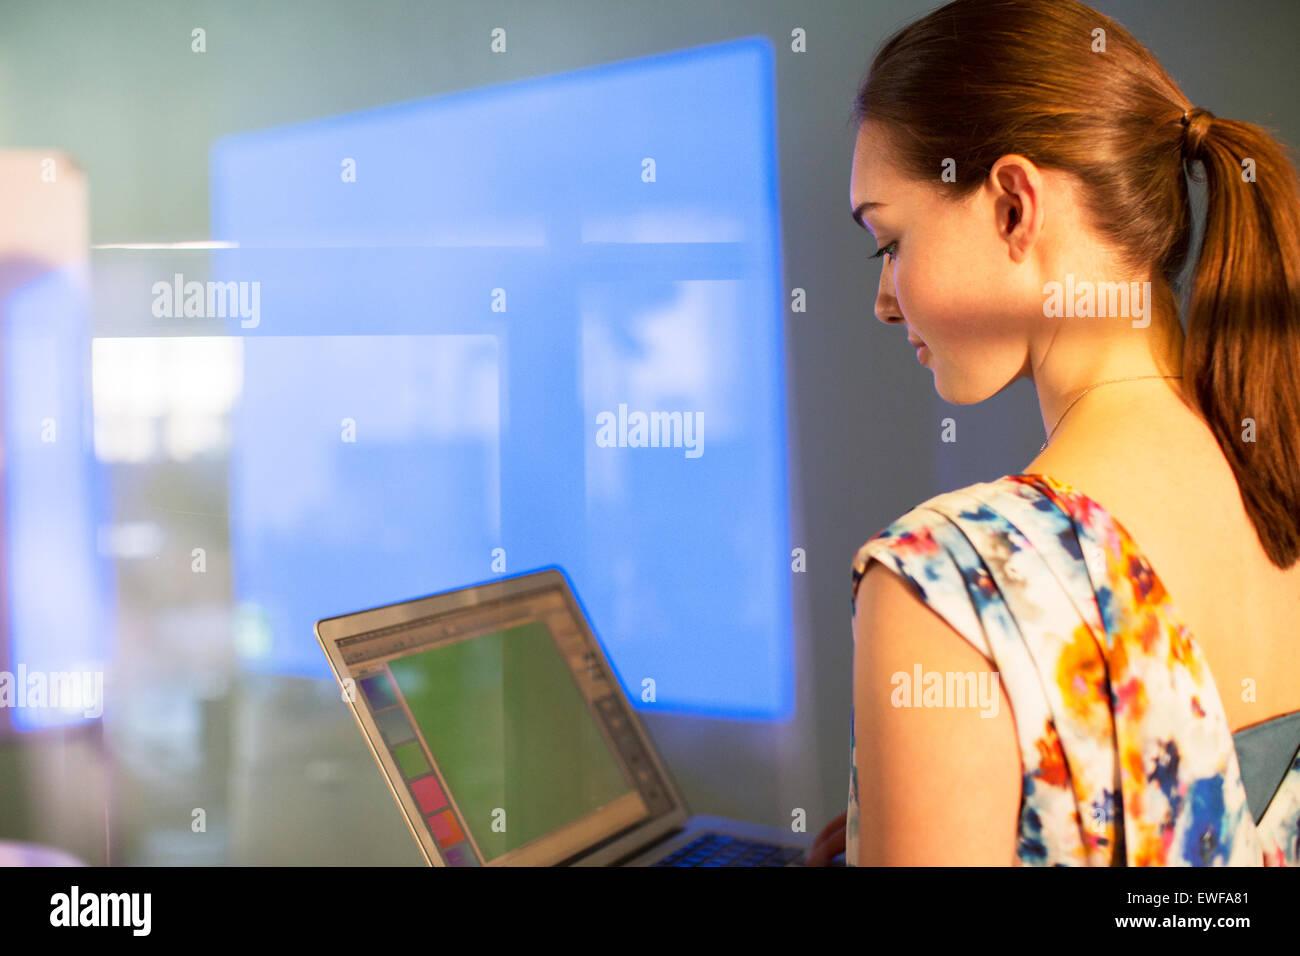 Imprenditrice con laptop preparazione presentazione audio visiva Immagini Stock